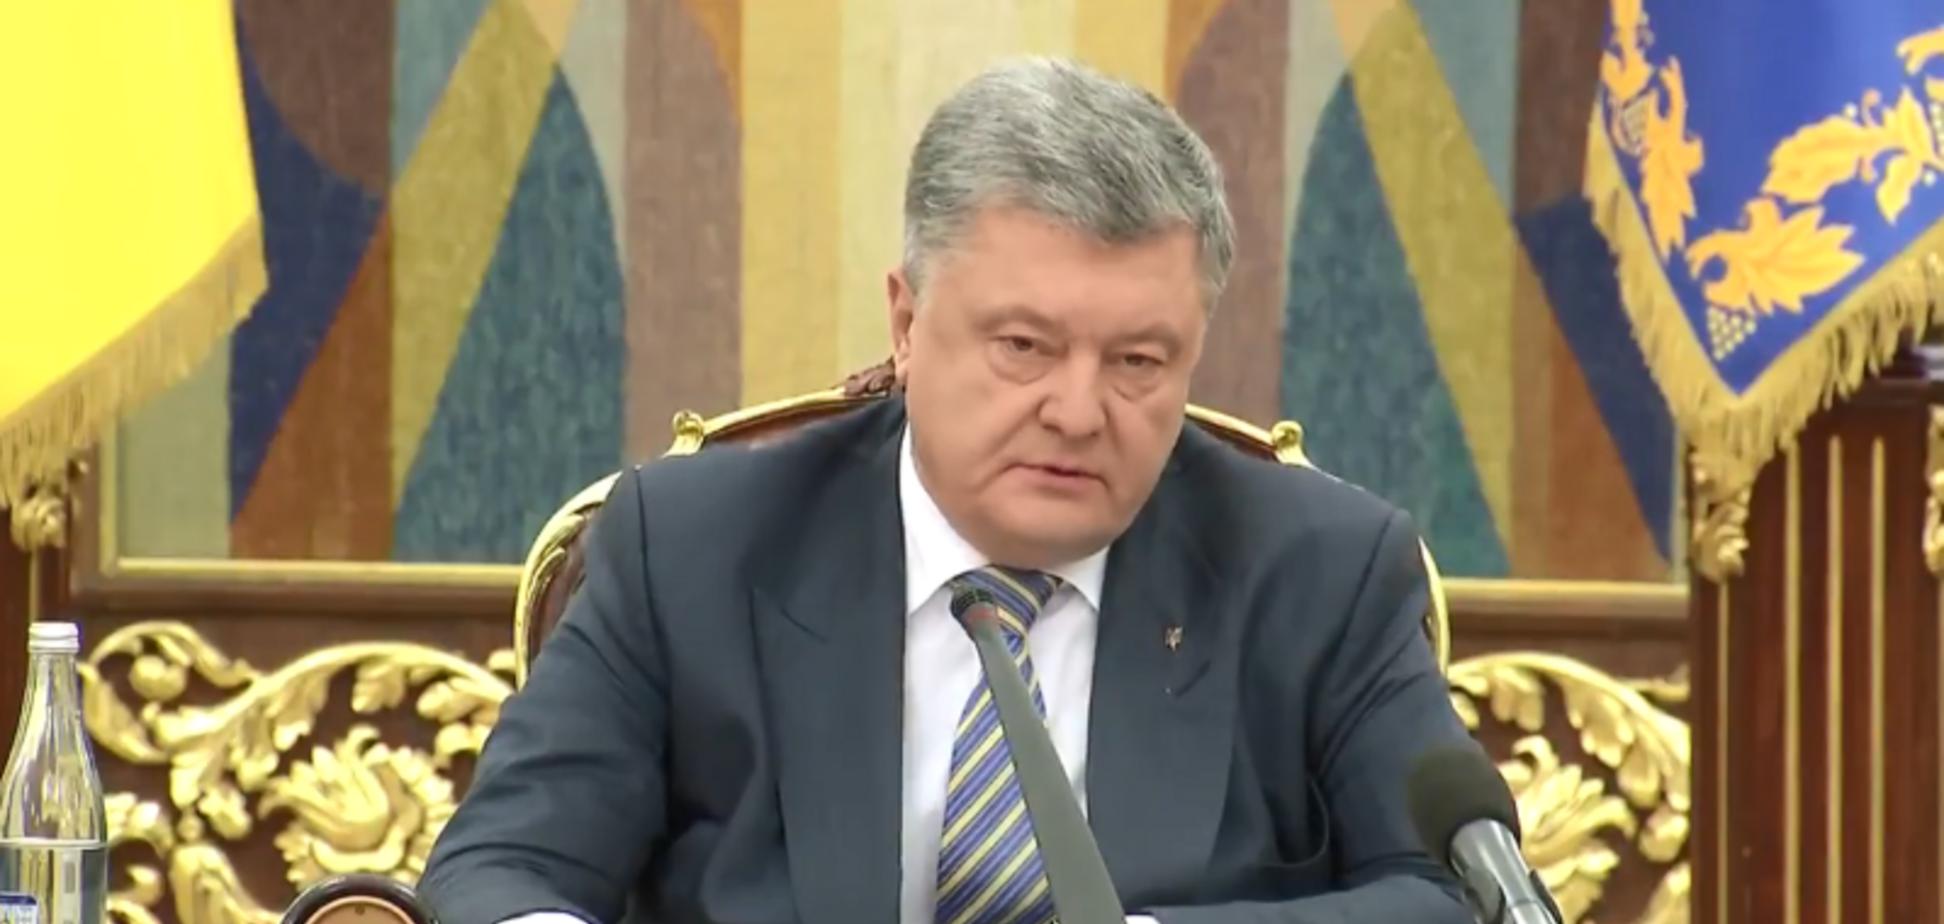 Воєнний стан в Україні: Порошенко назвав дату введення і його термін